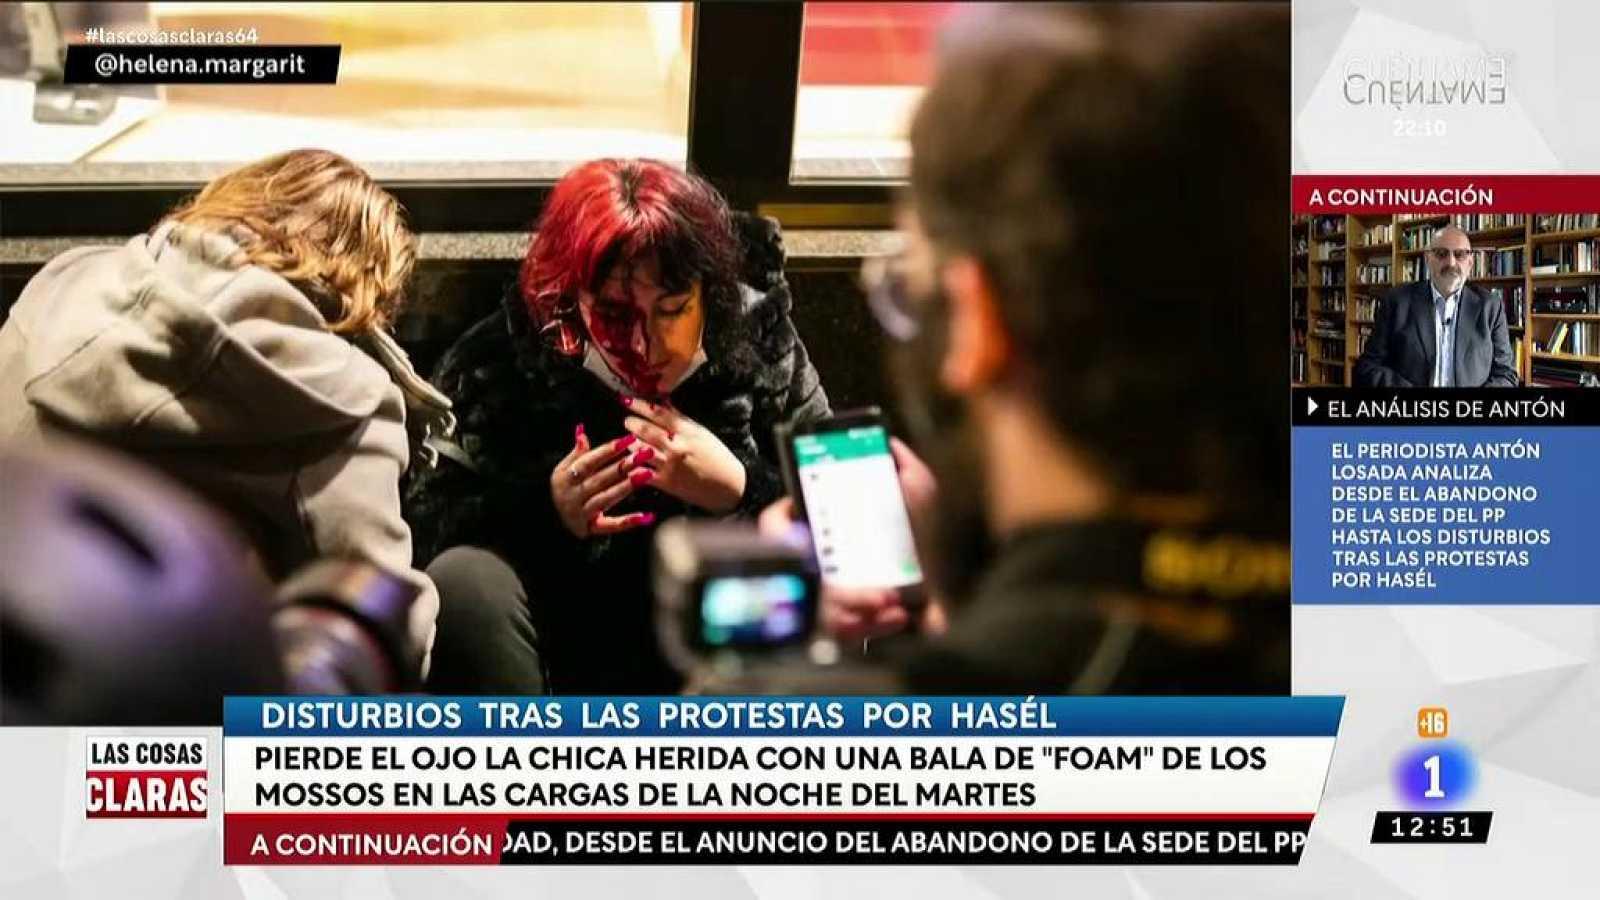 Los Mossos investigarán si un proyectil de foam causó la pérdida del ojo de una manifestante